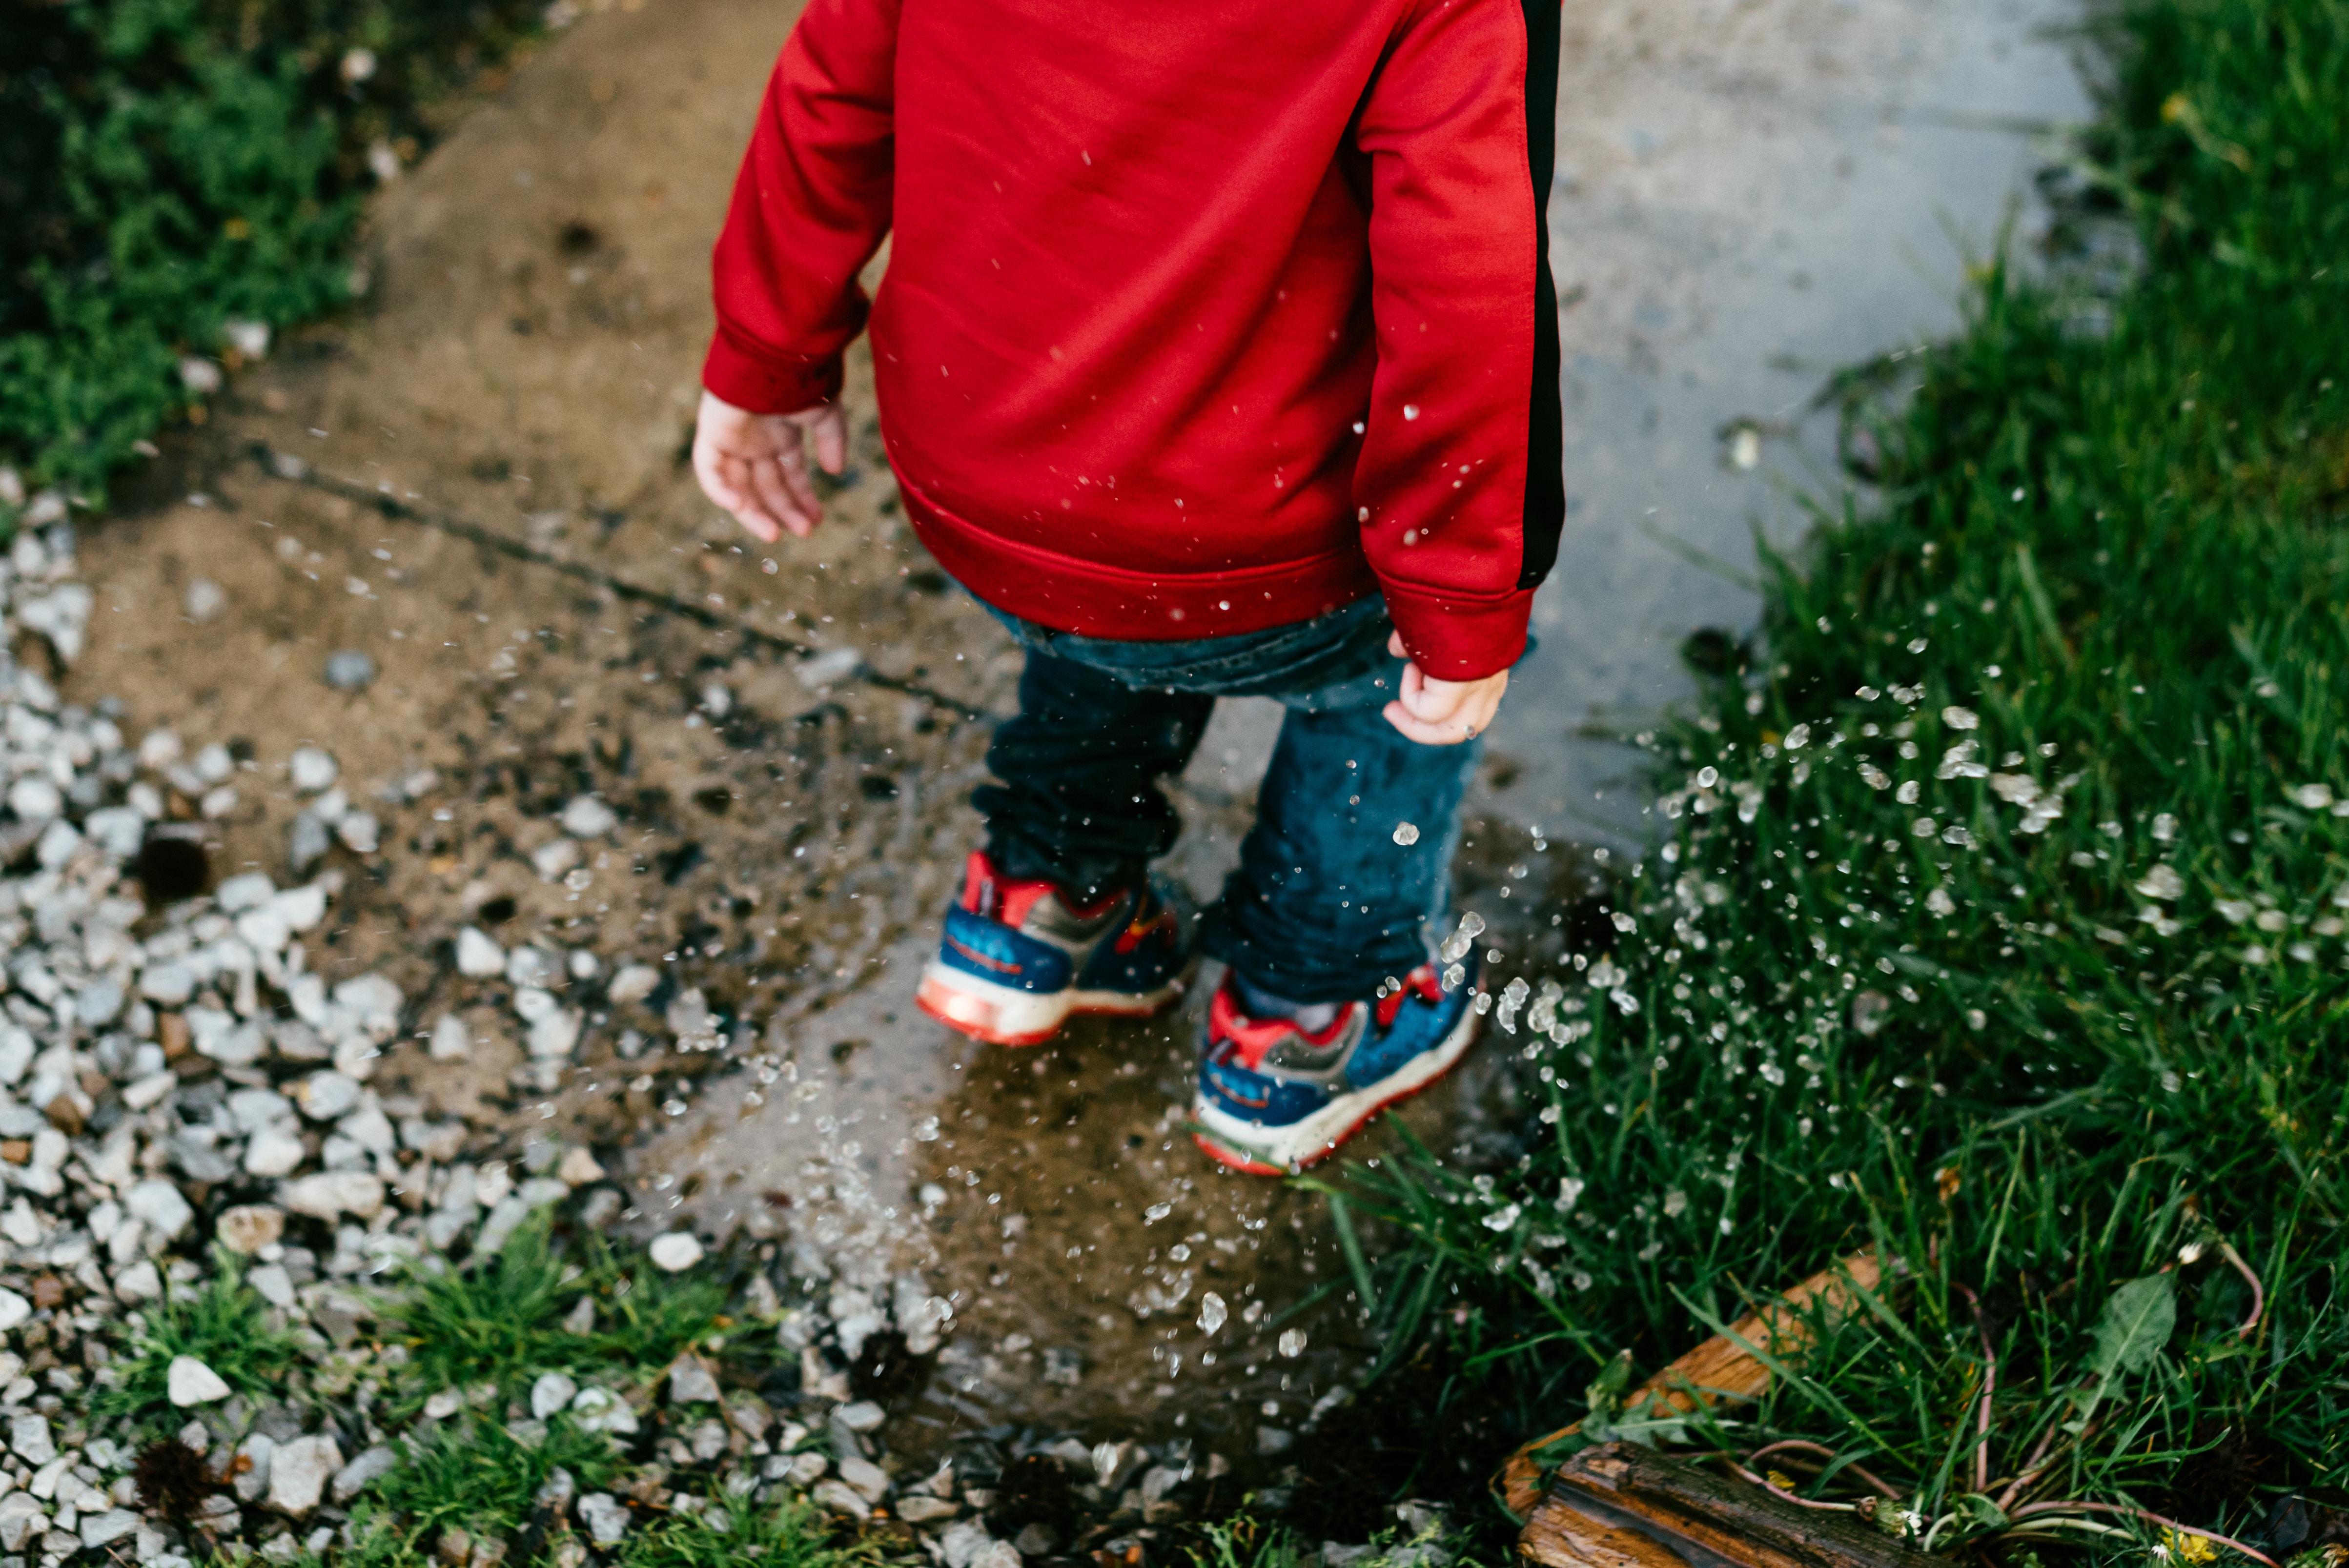 kid splashing in puddles